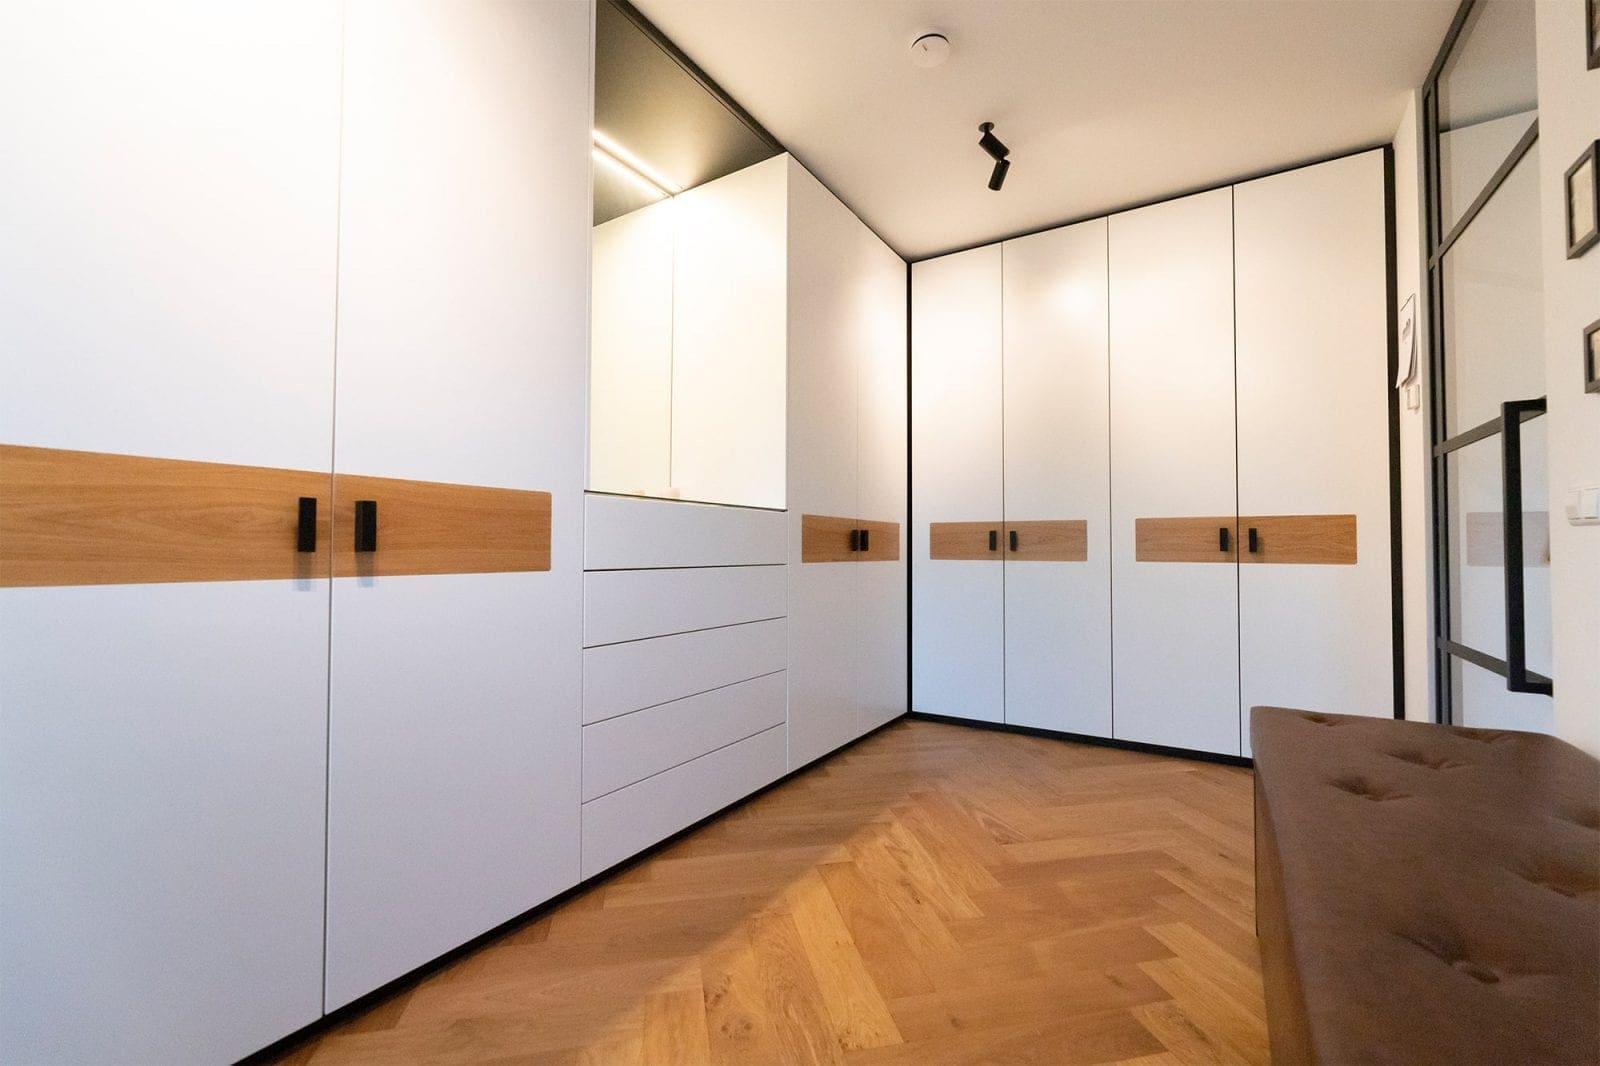 Inloopkast Op Maat gemaakt door interieurbouwer Delft